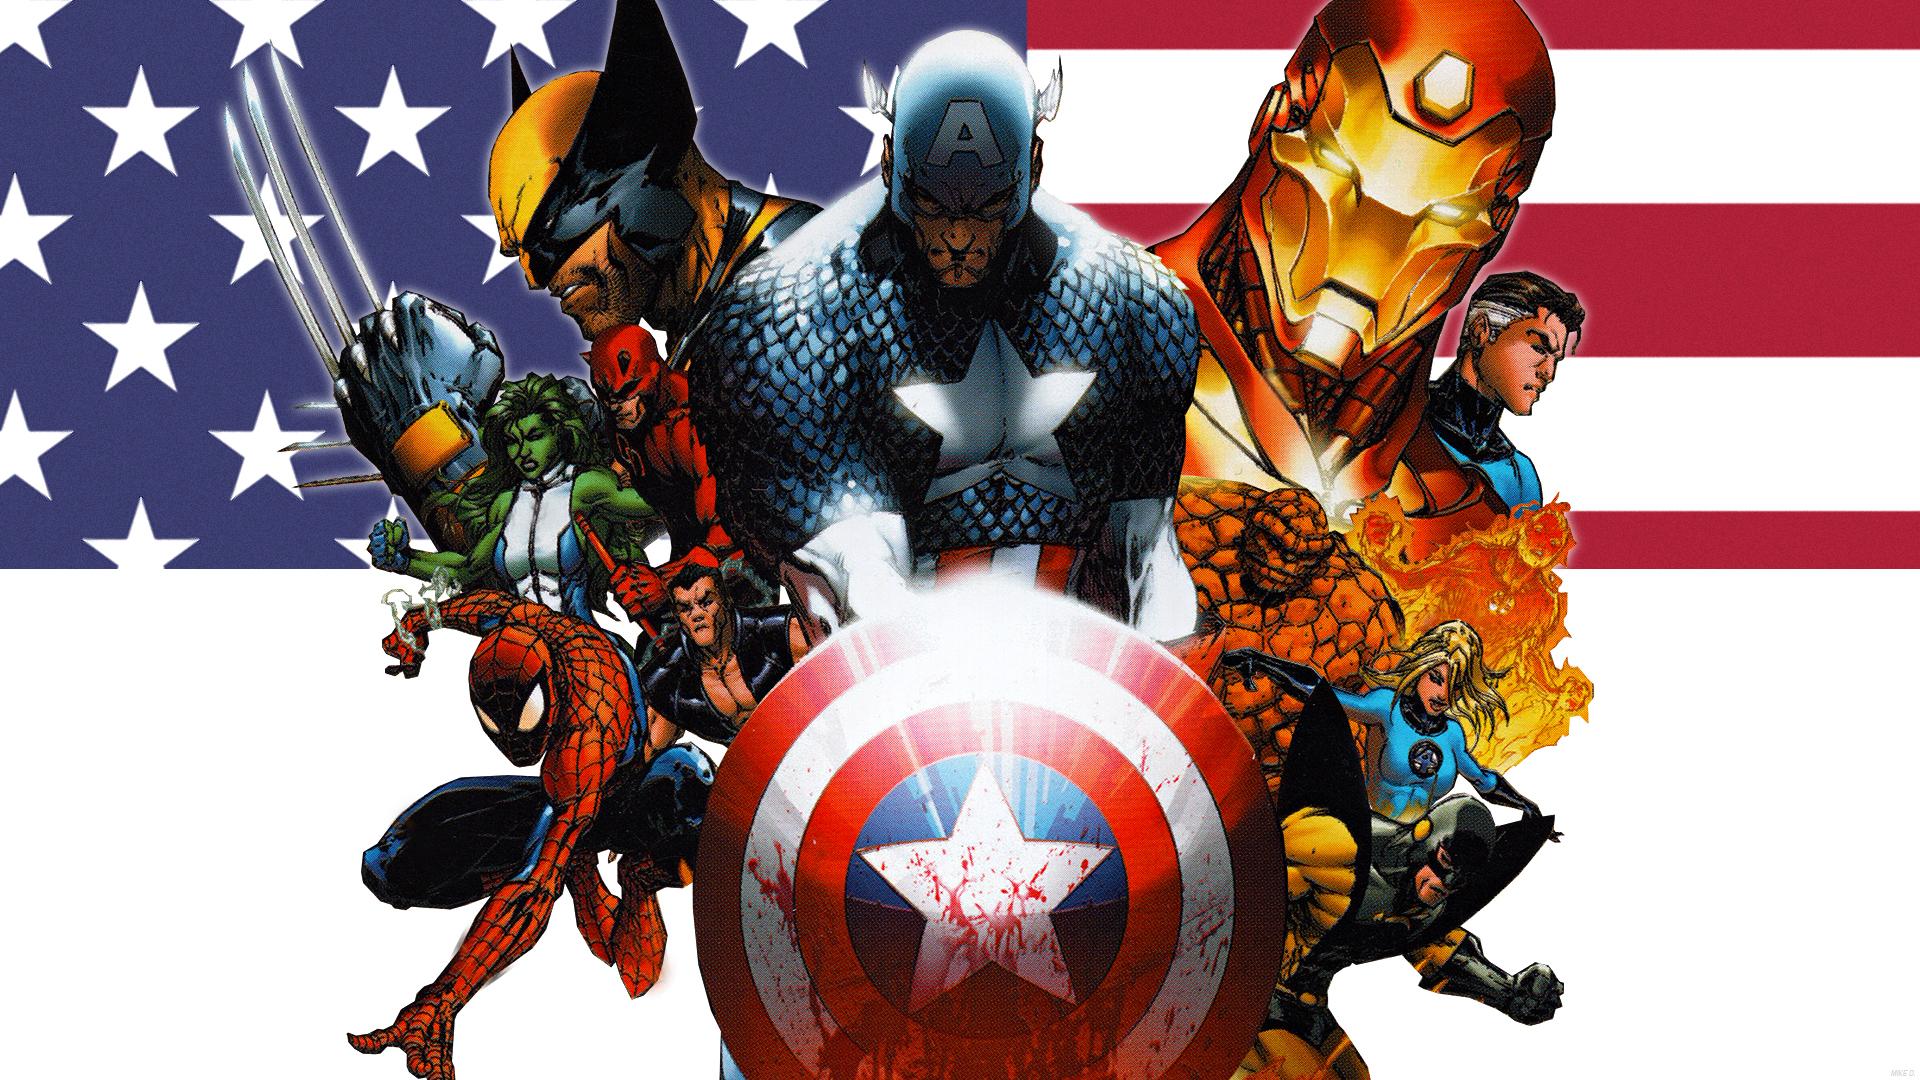 Marvel civil war clipart banner free stock Marvel civil war clipart - ClipartFest banner free stock